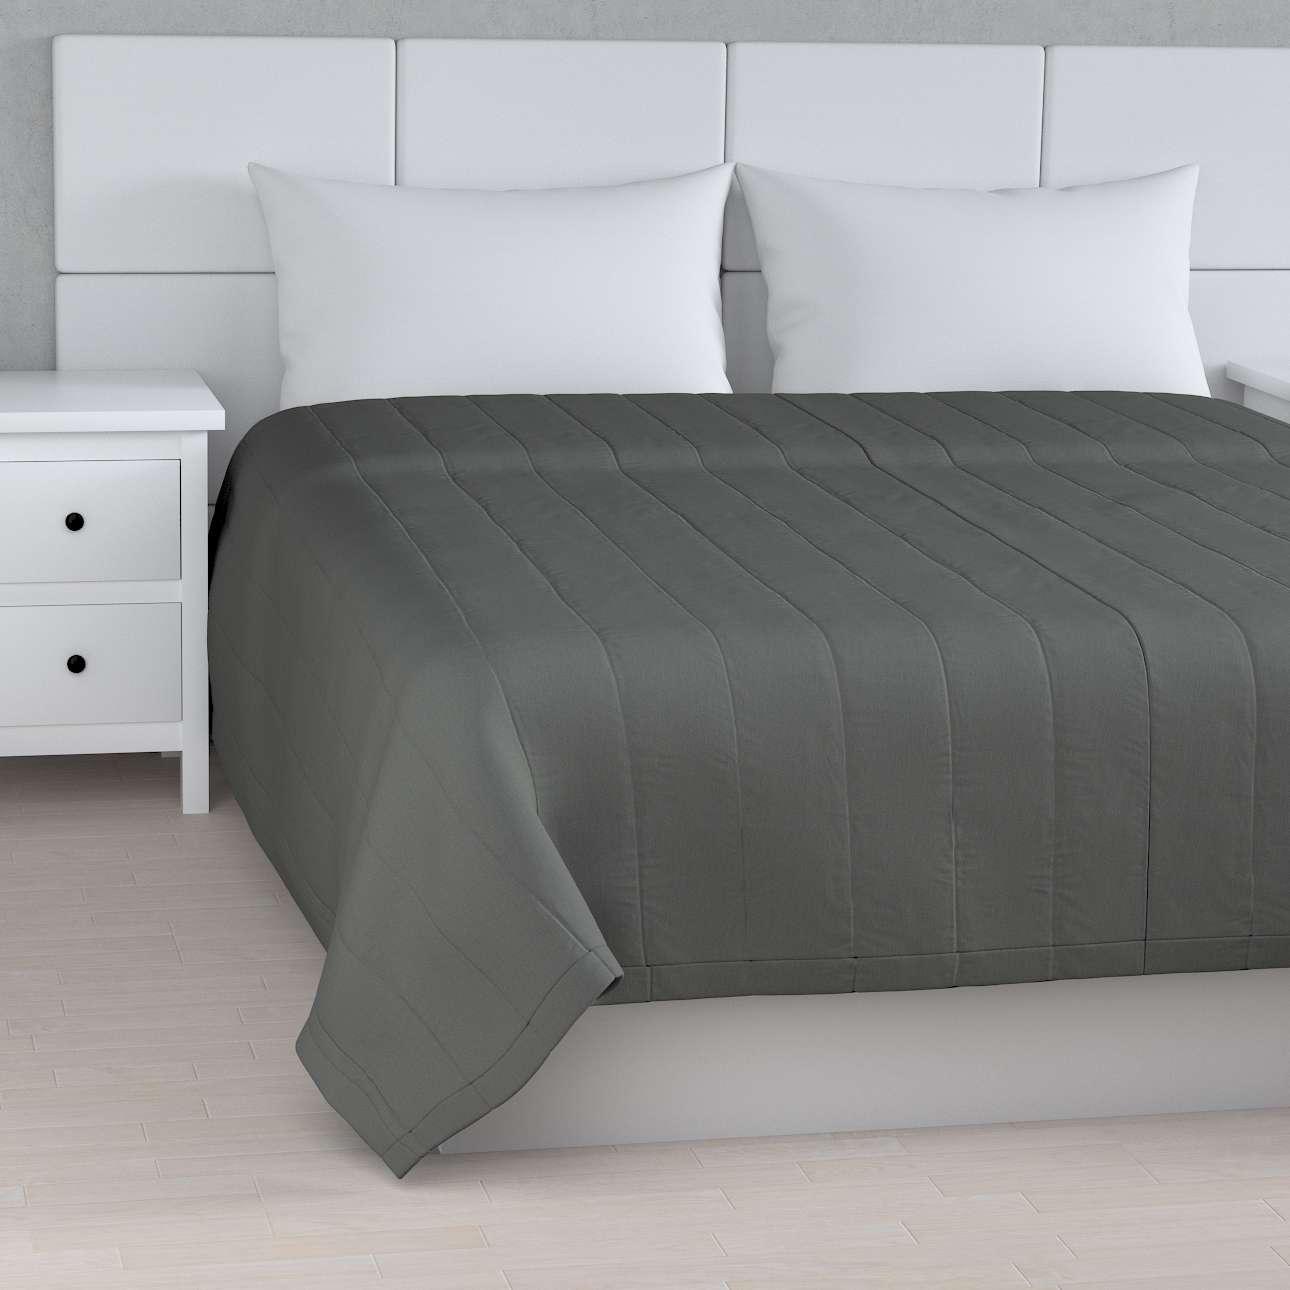 Tagesdecke mit Streifen-Steppung von der Kollektion Quadro, Stoff: 136-14